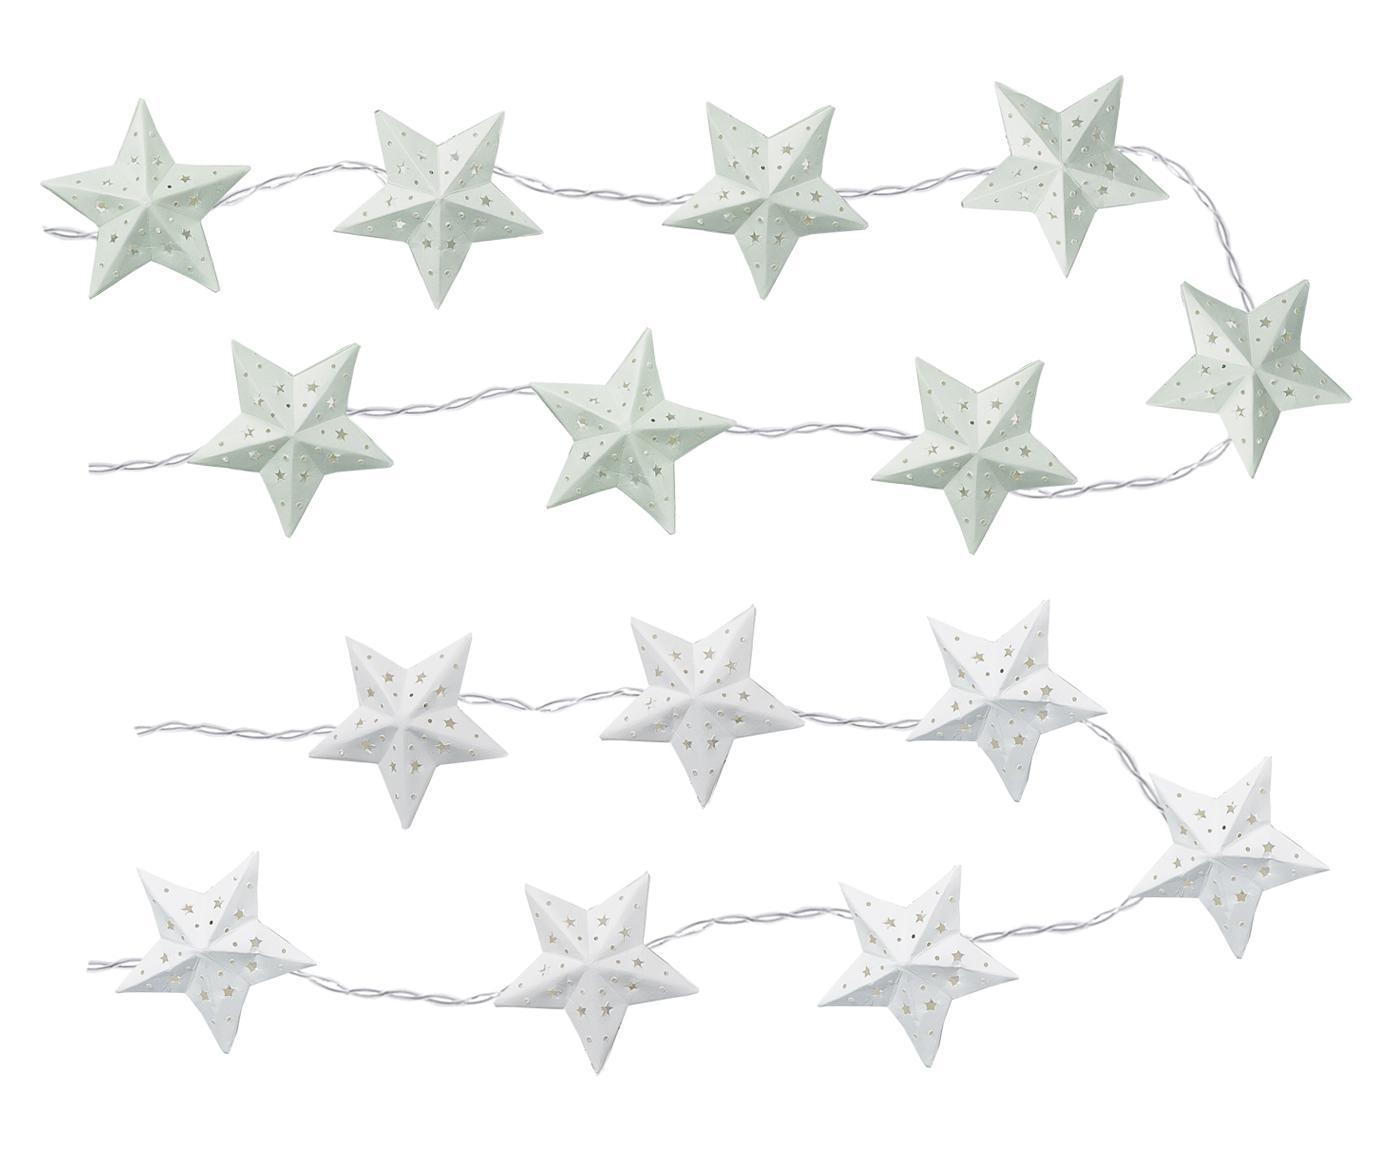 Set de guirnaldas de luces LED Stern, 2pzas., Papel, Blanco, menta, L 165 cm